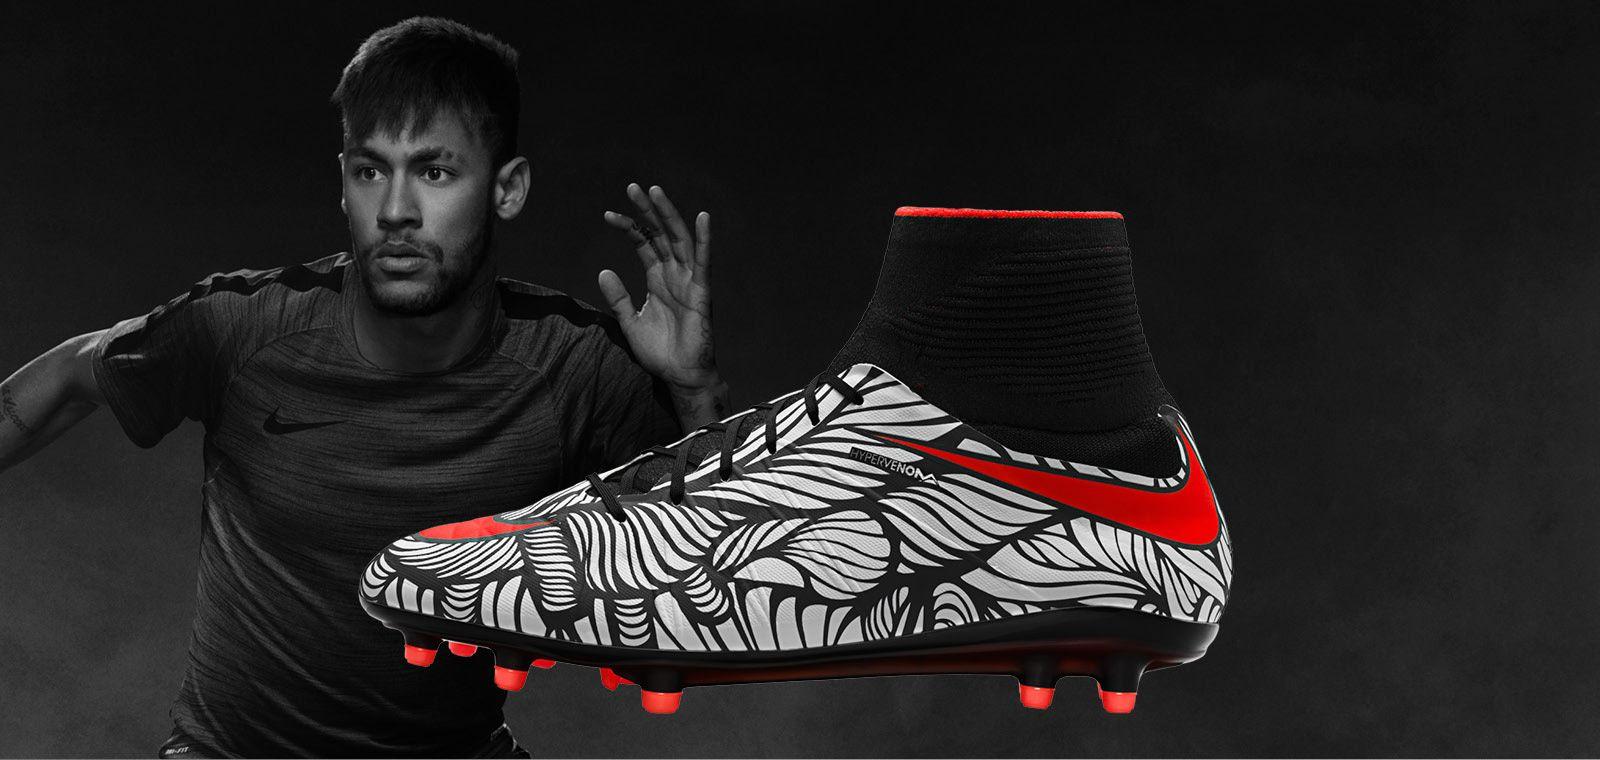 Oferta del Hot Sale en Nike: tenis desde $908 pesos Hombres / Mujeres (Amplia Variedad)